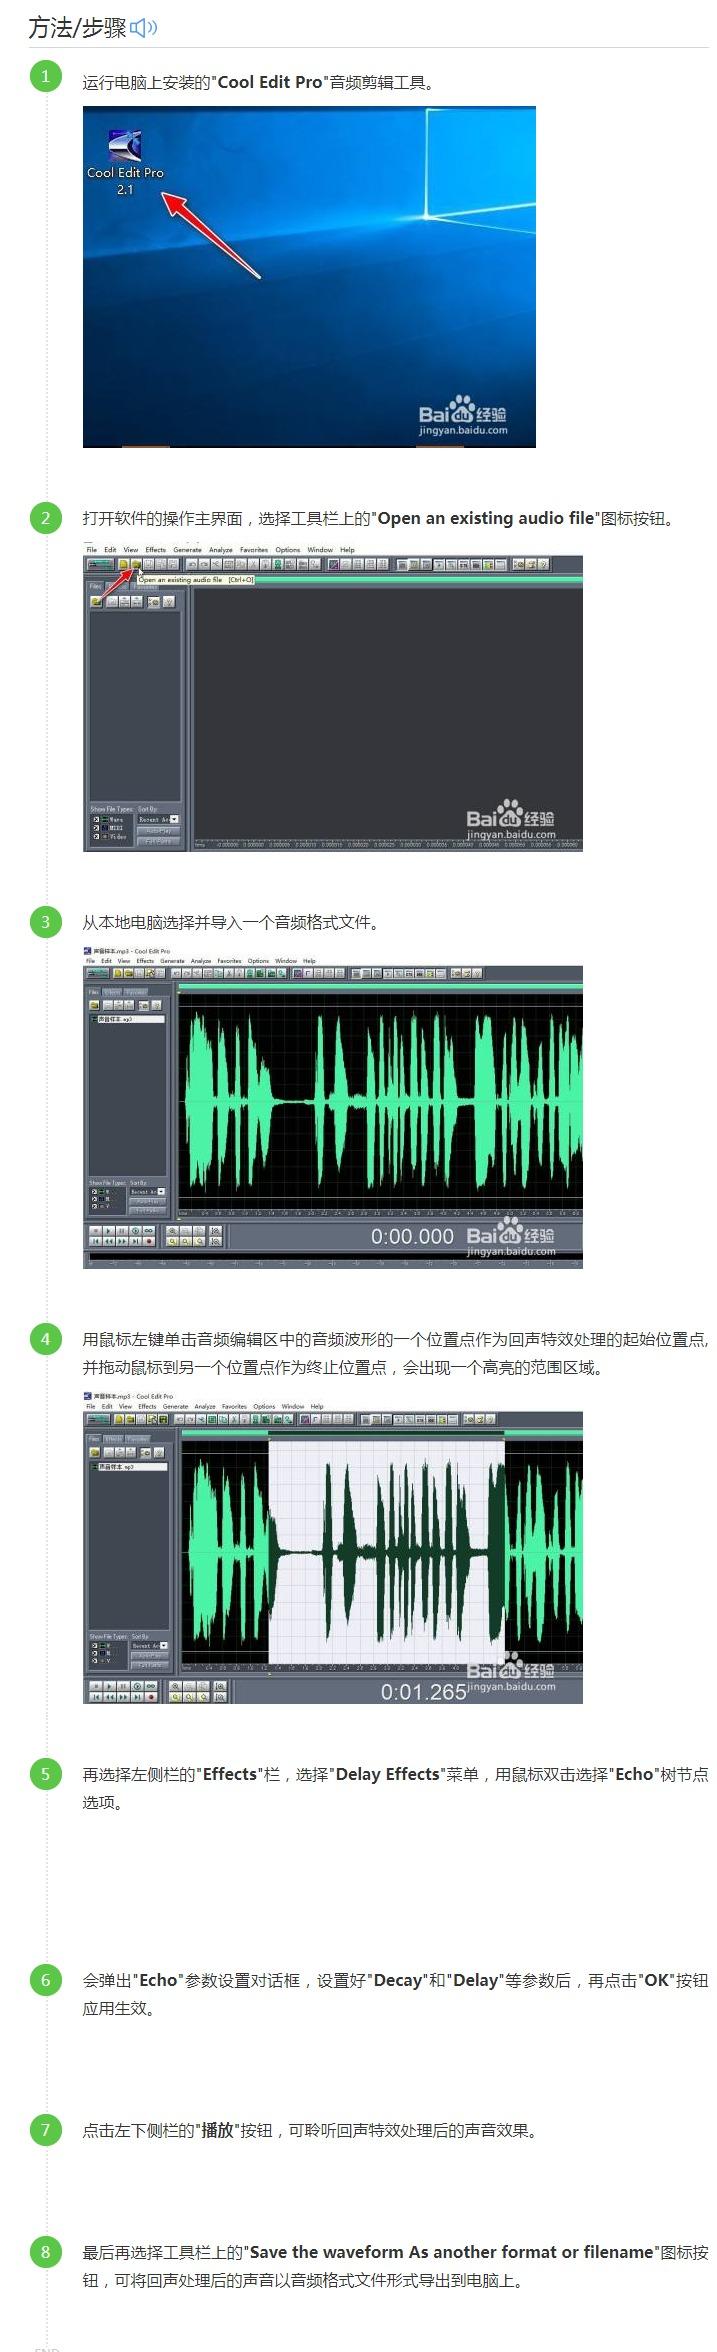 如何對聲音進行回聲特效處理